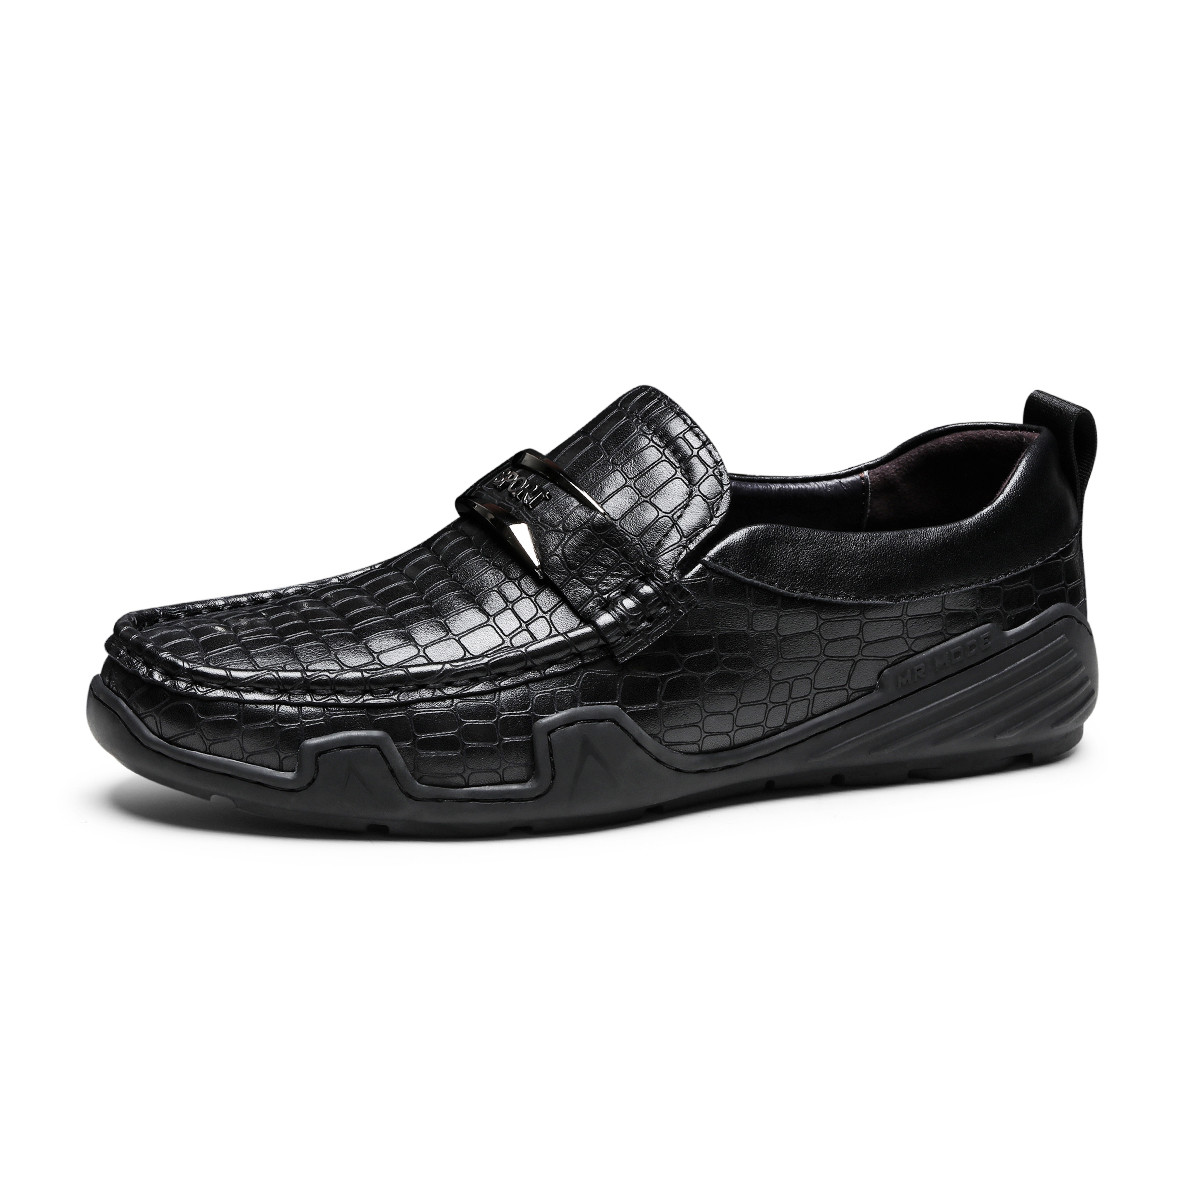 波尔谛奇新款真皮男鞋格纹舒适厚底套脚乐福鞋司机鞋男士商务皮鞋K8X81109-3-HH